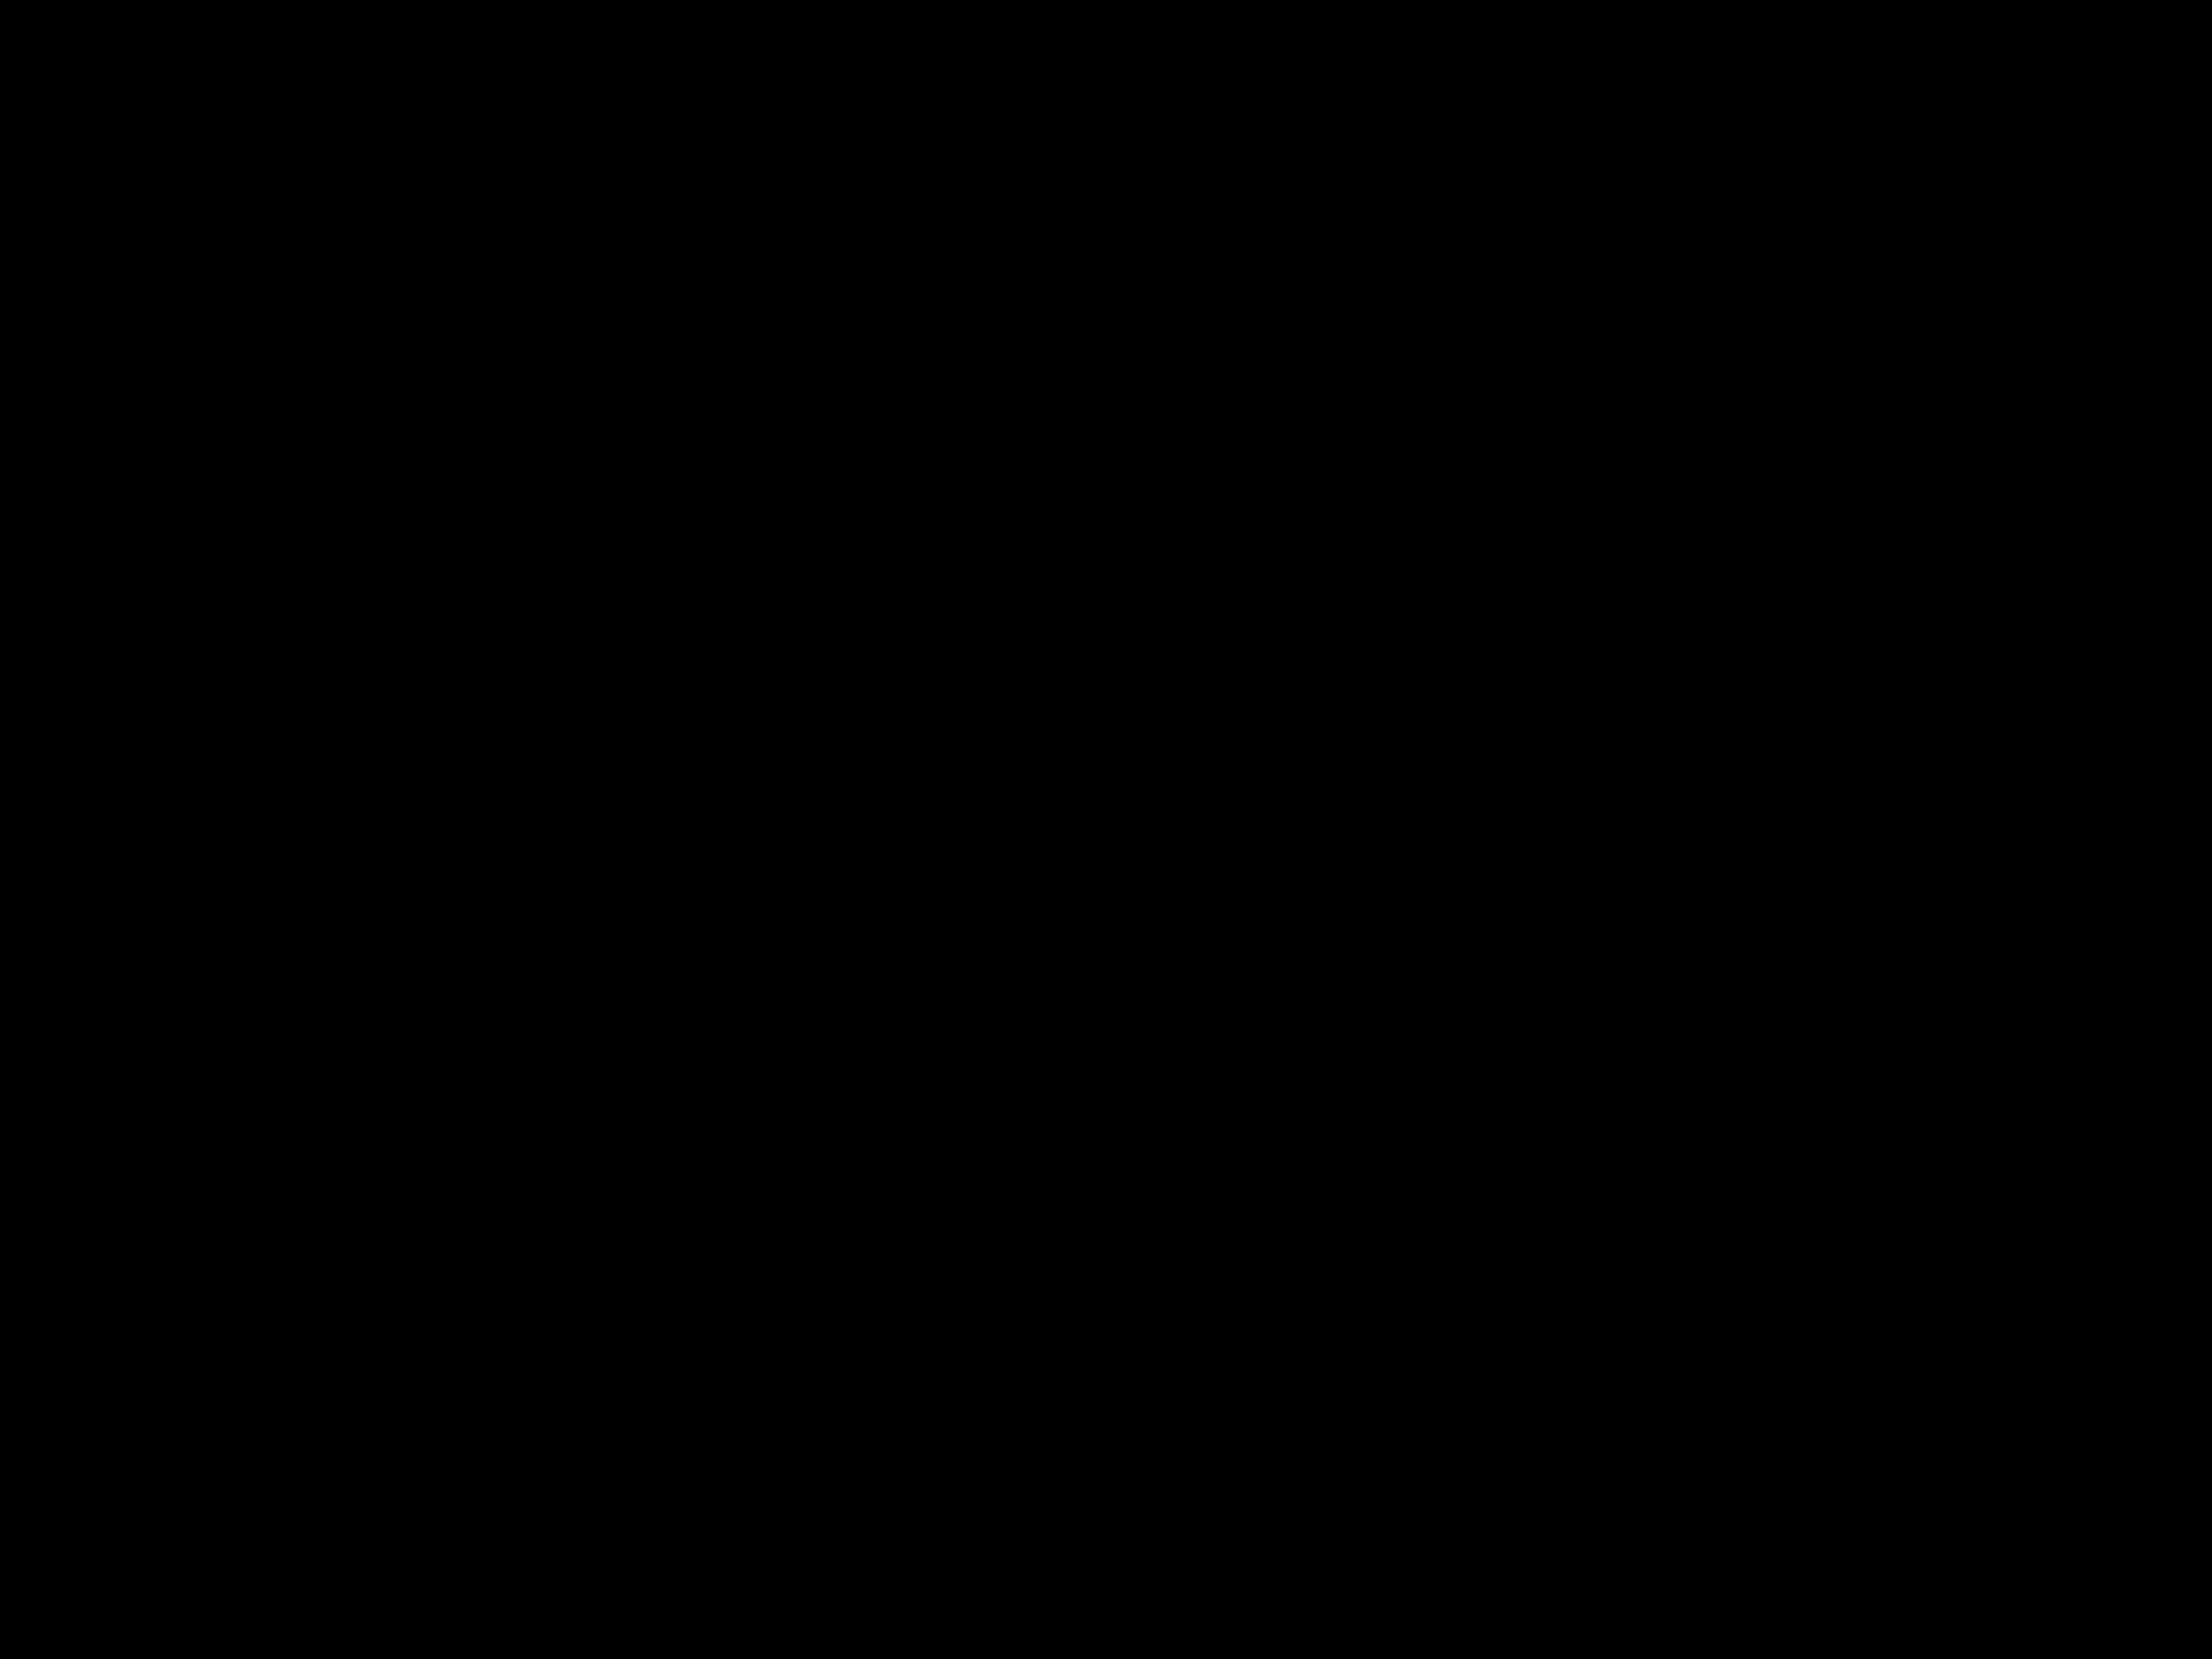 V177 Mercedes-Benz A-Class Sedan finally unveiled Image #842891